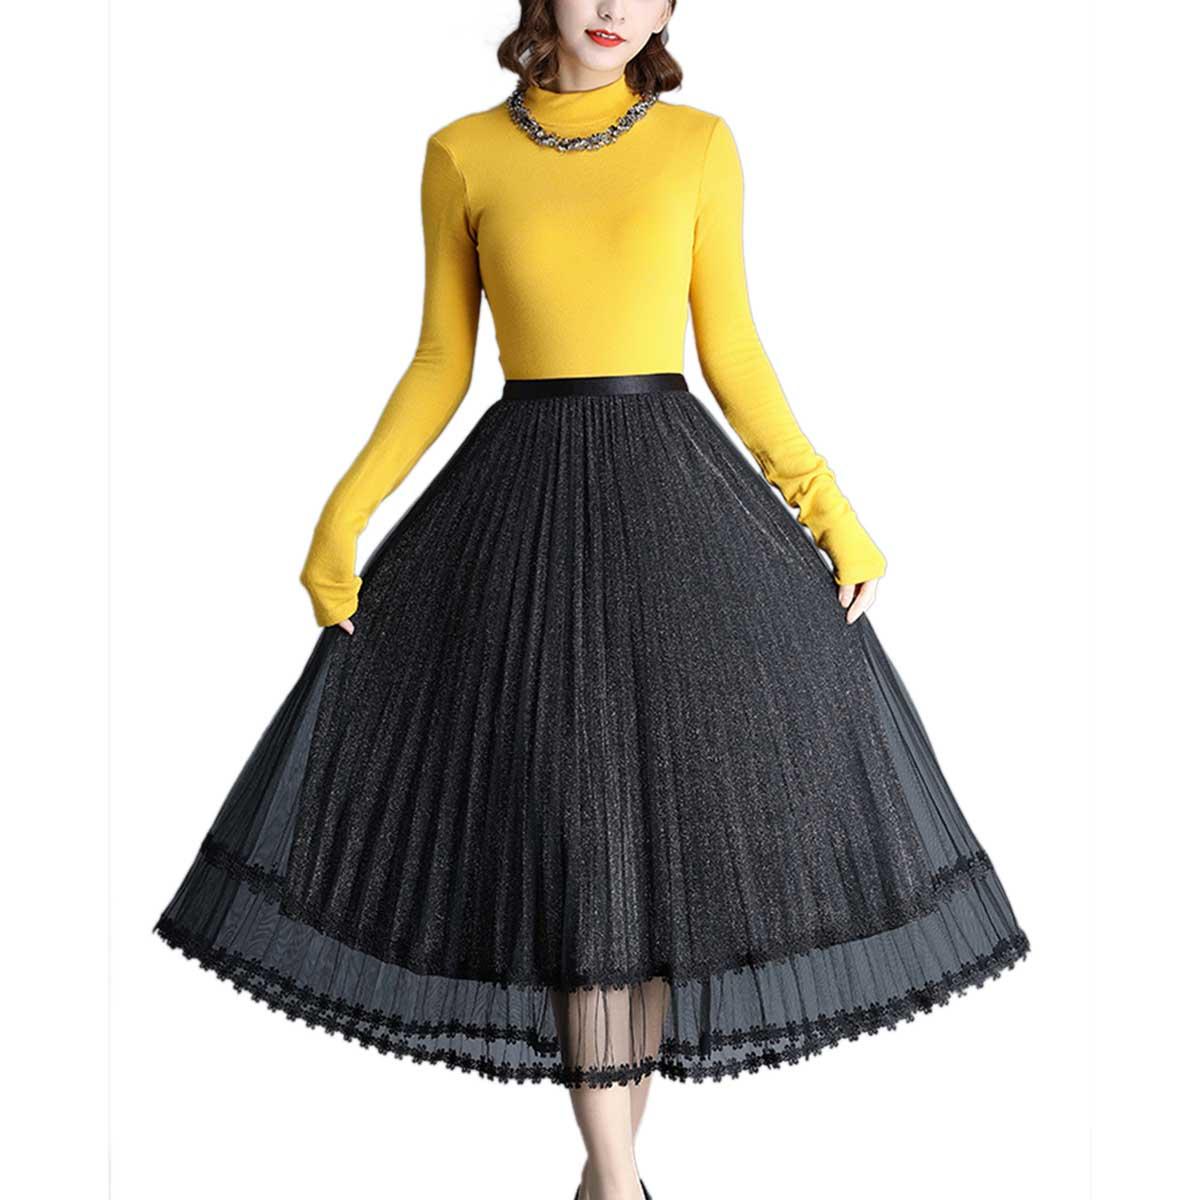 Nova moda feminina senhoras verão outono casual brilhante fio elástico-cintura longa saia plissada all-match gaze hemline saias preto